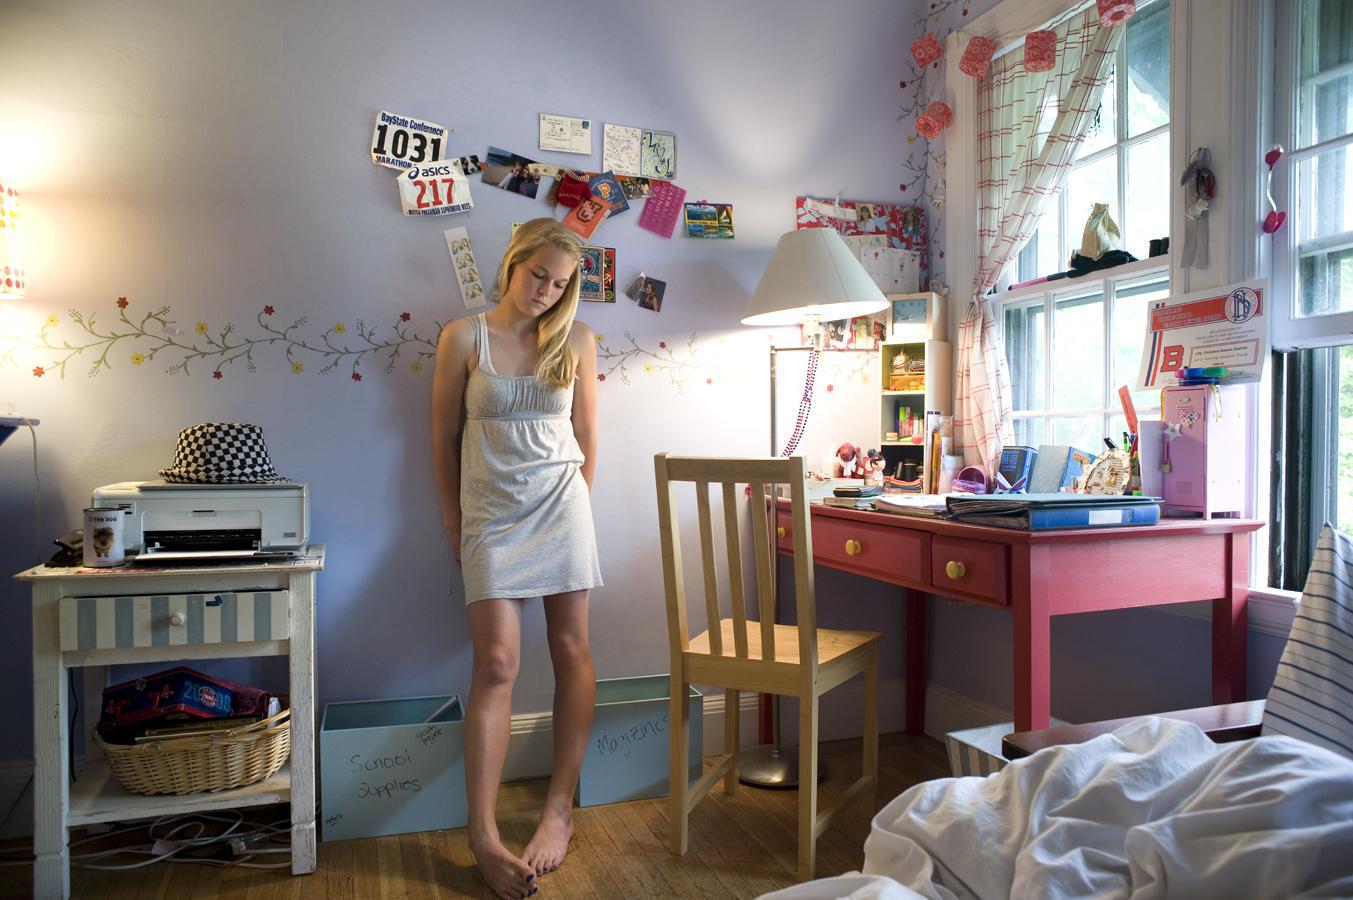 Что делают наши девушки в общежитии 16 фотография